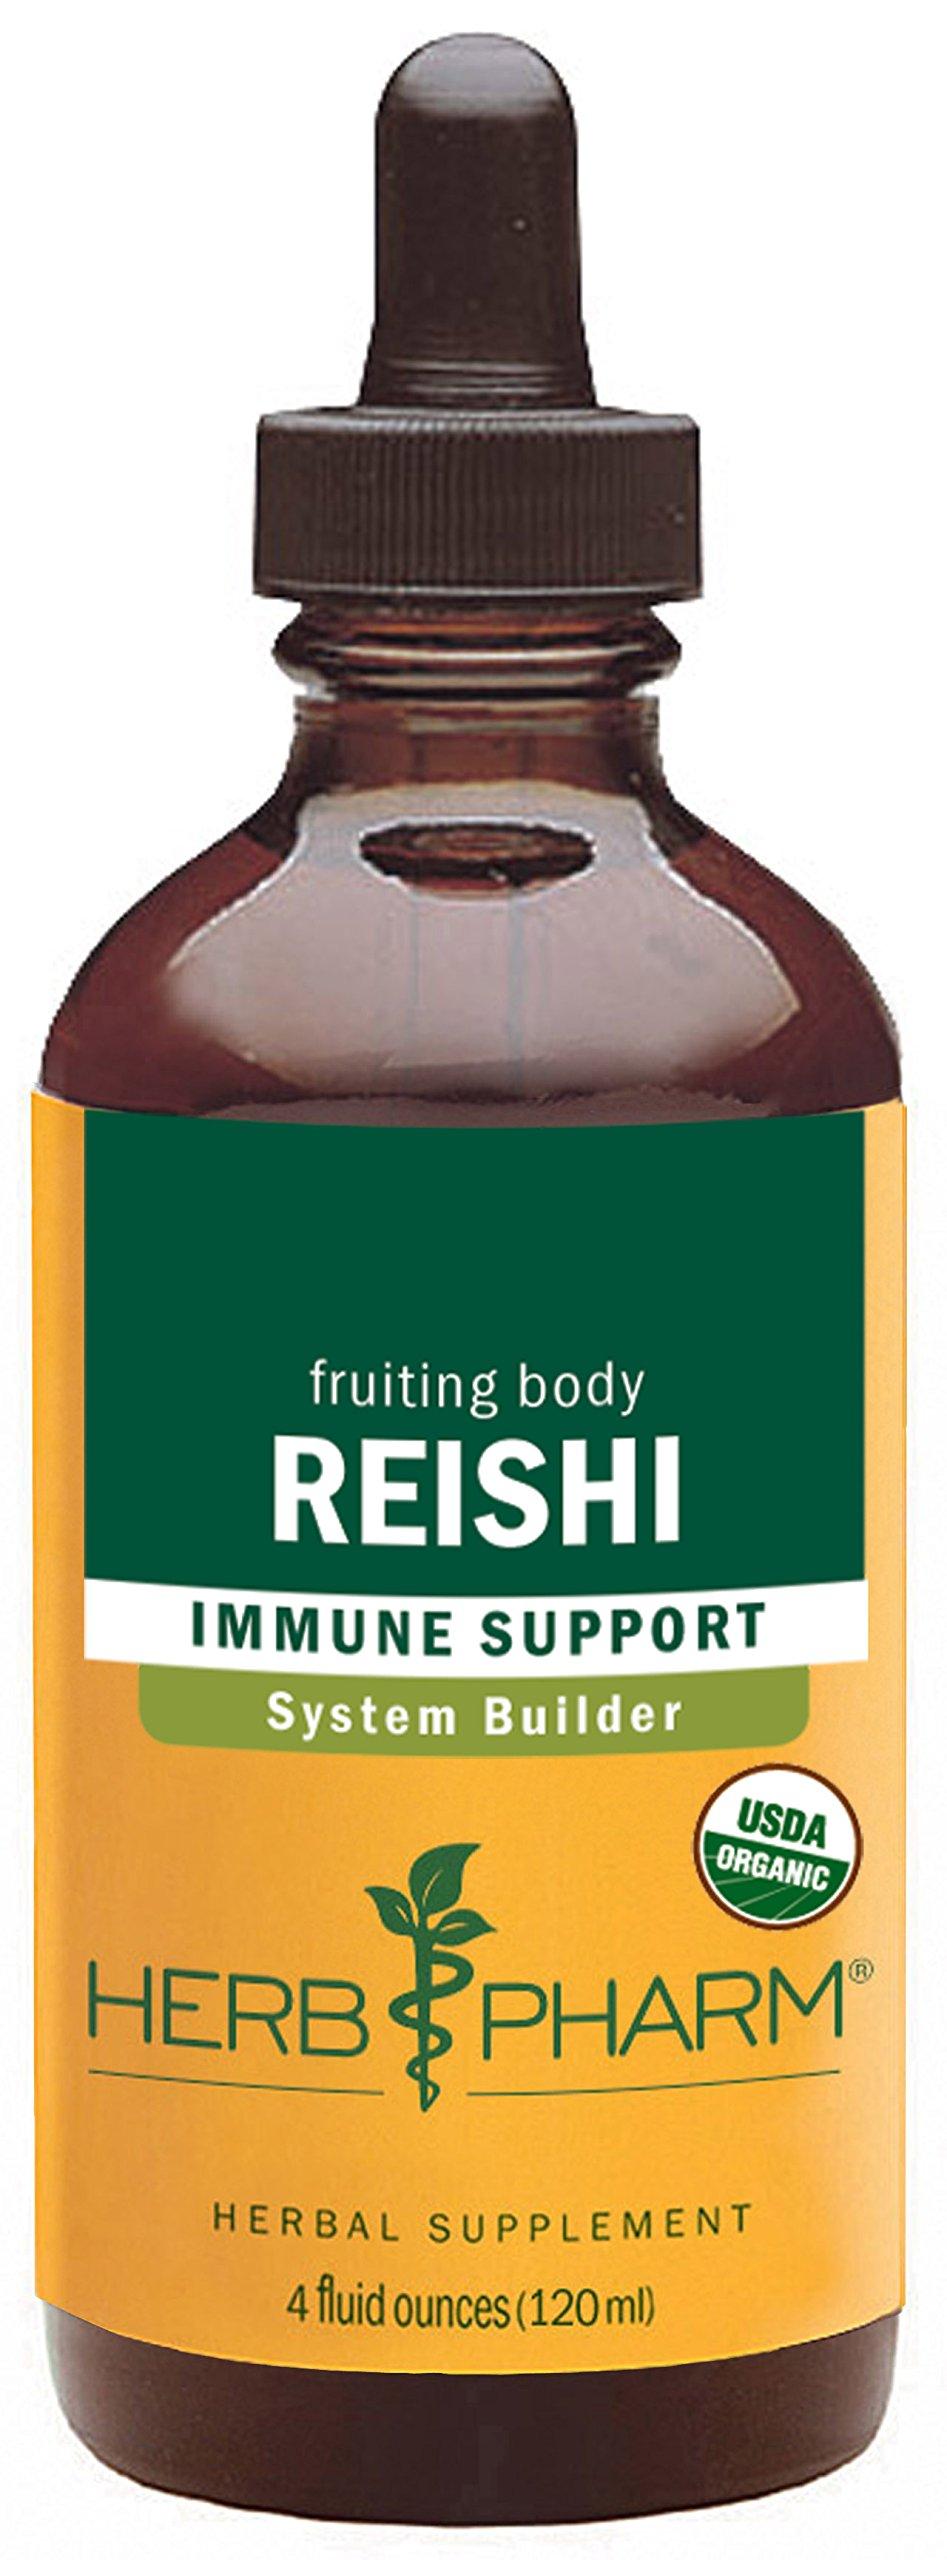 Herb Pharm Reishi Mushroom Extract Immune System Builder - 4 Ounce